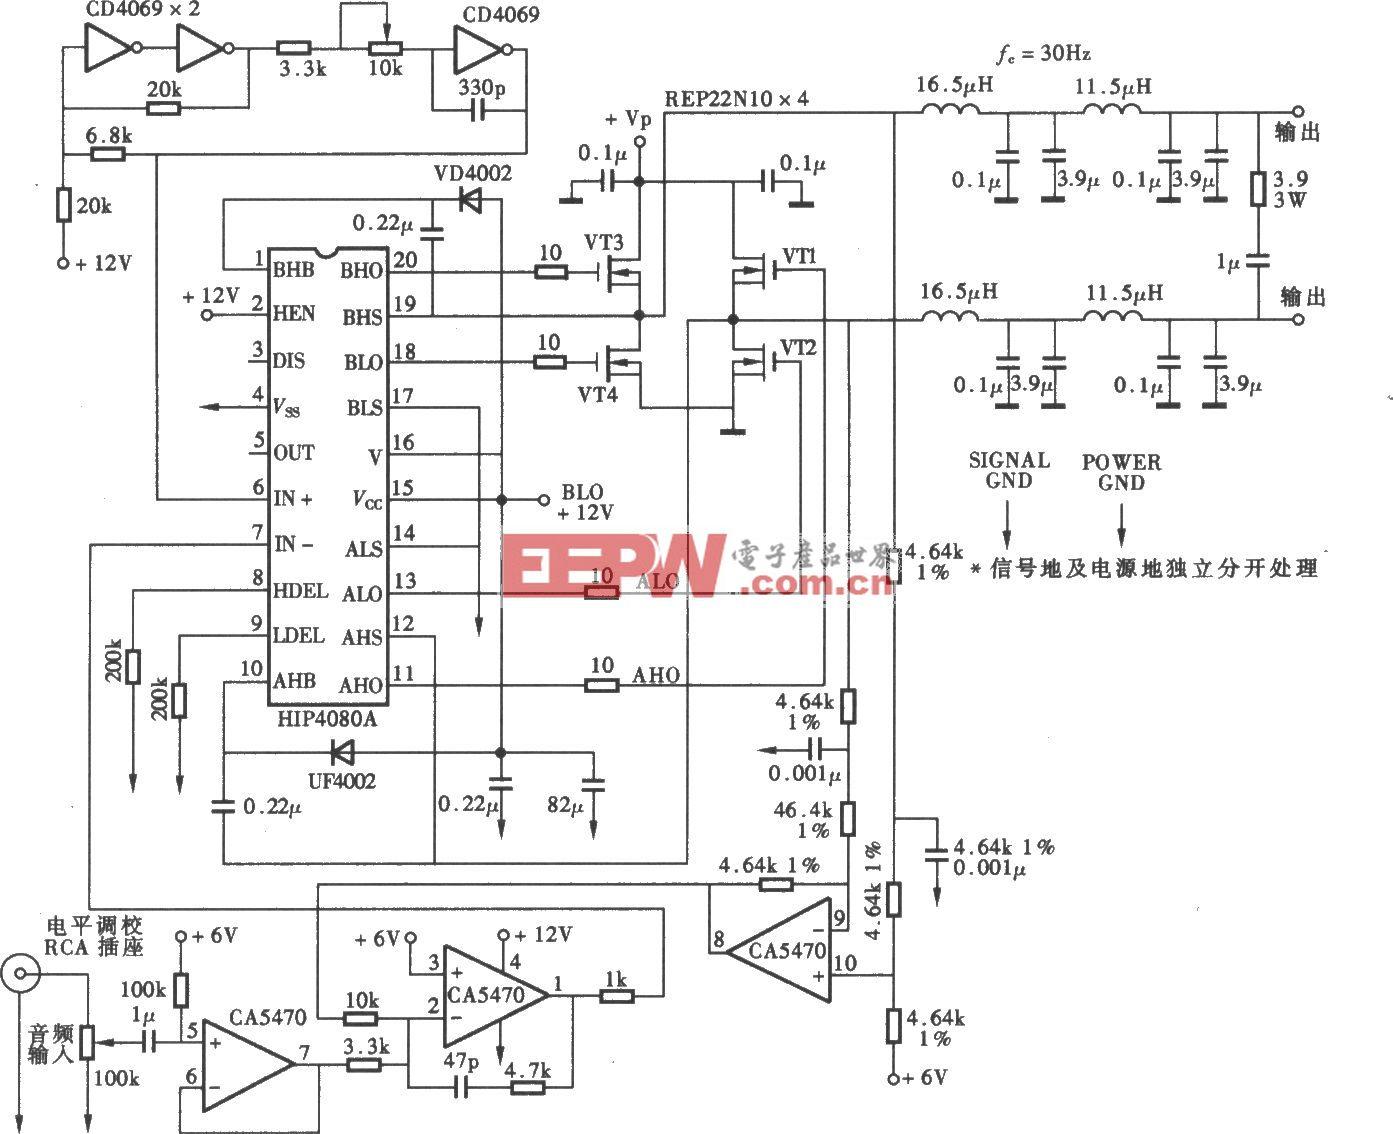 采用HIP4080A的D类功放电路